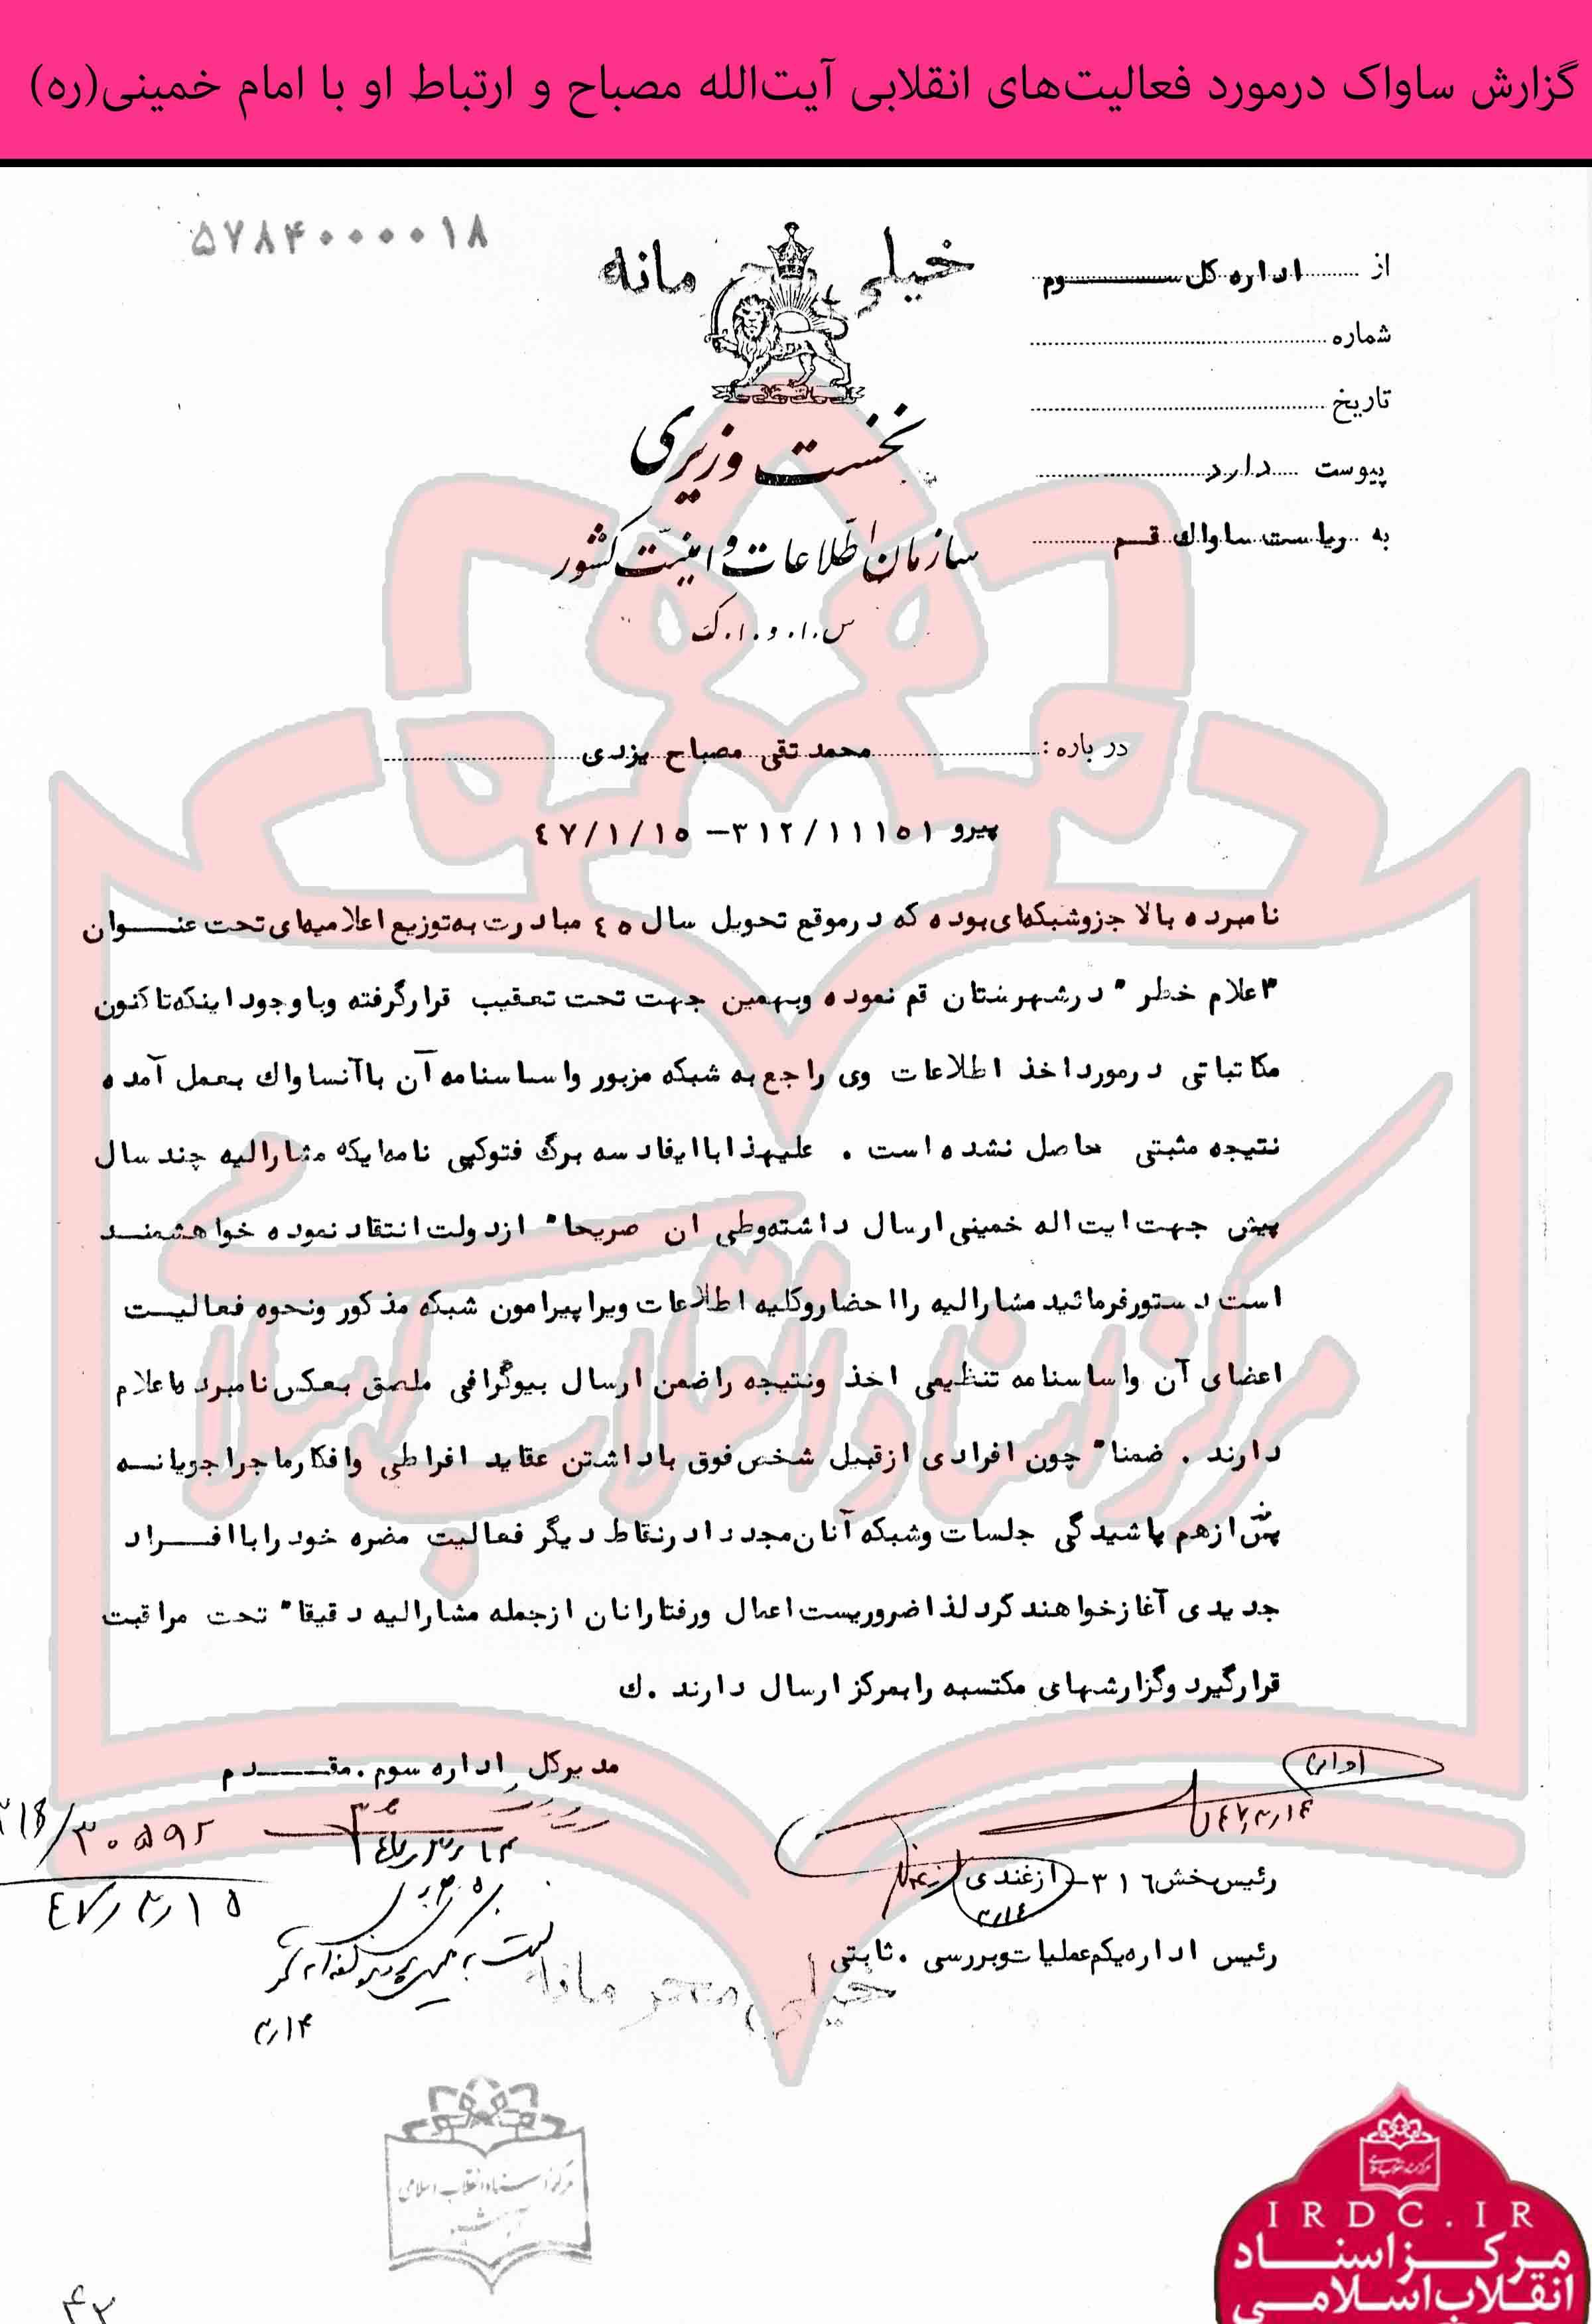 سند شماره 8: گزارش ساواک درمورد فعالیتهای انقلابی آیت الله مصباح و ارتباط او با امام خمینی(ره) در خردادماه 47